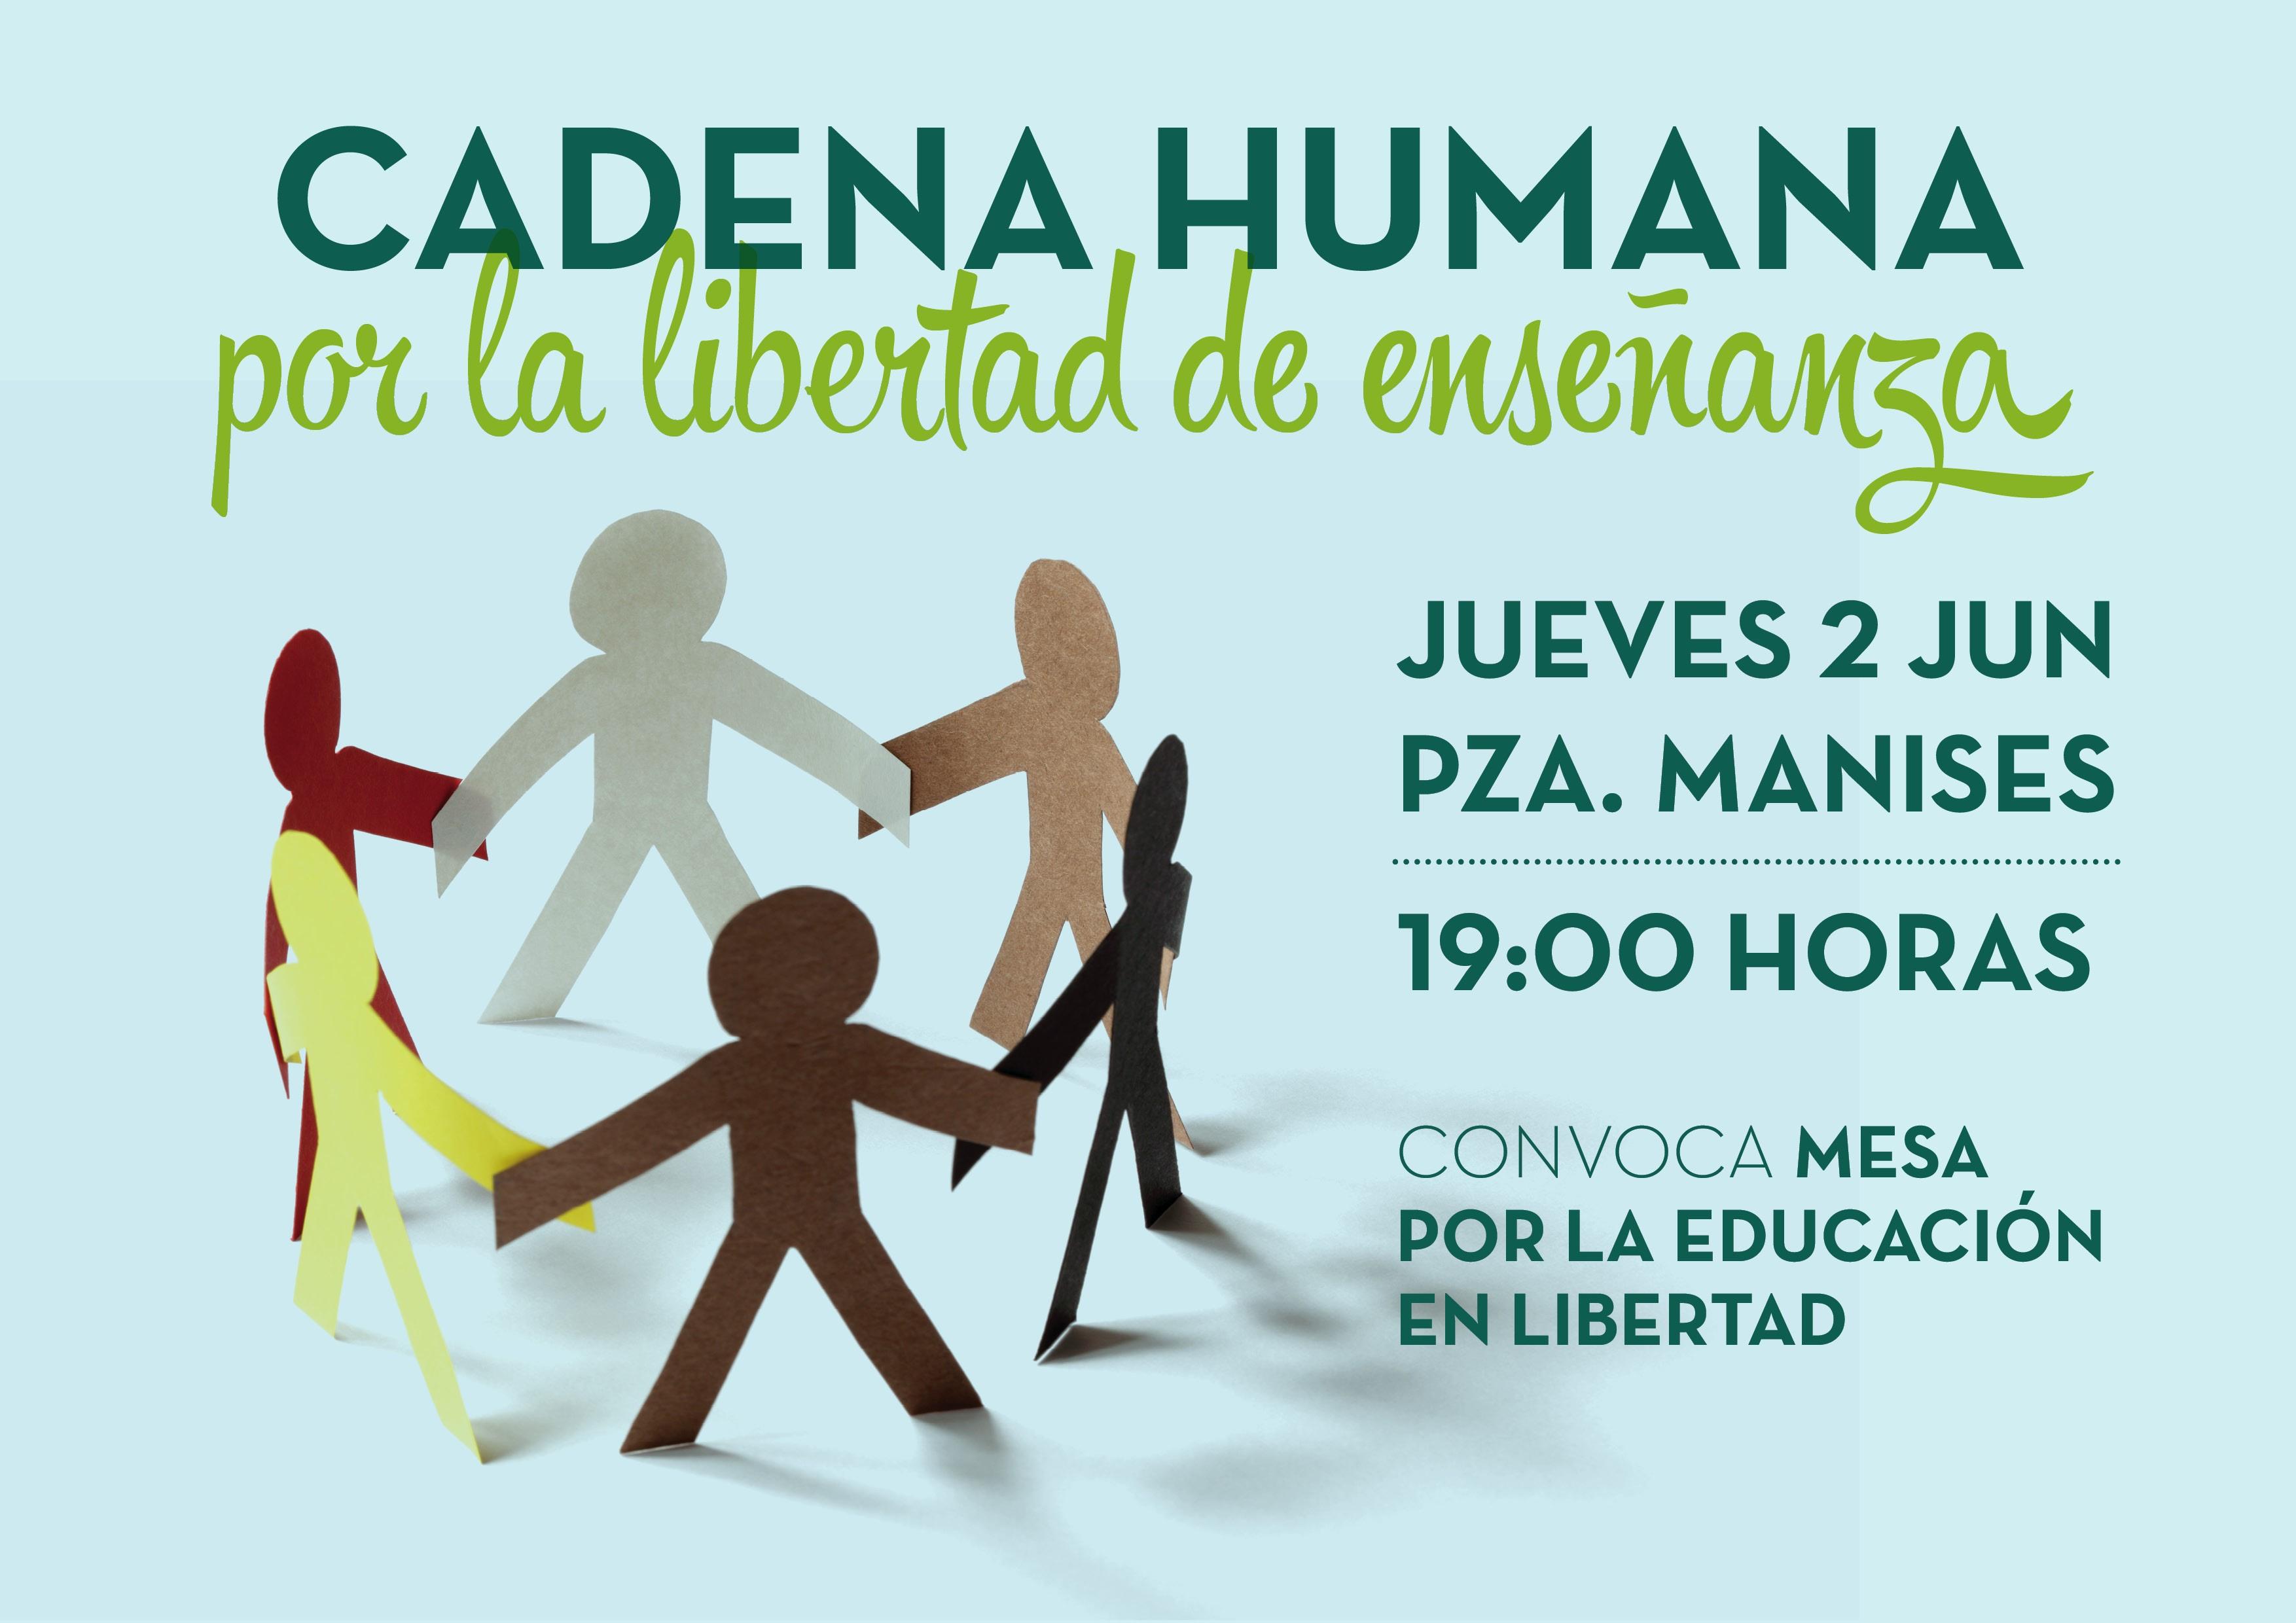 Cadena humana por los derechos de los niños de 2 años